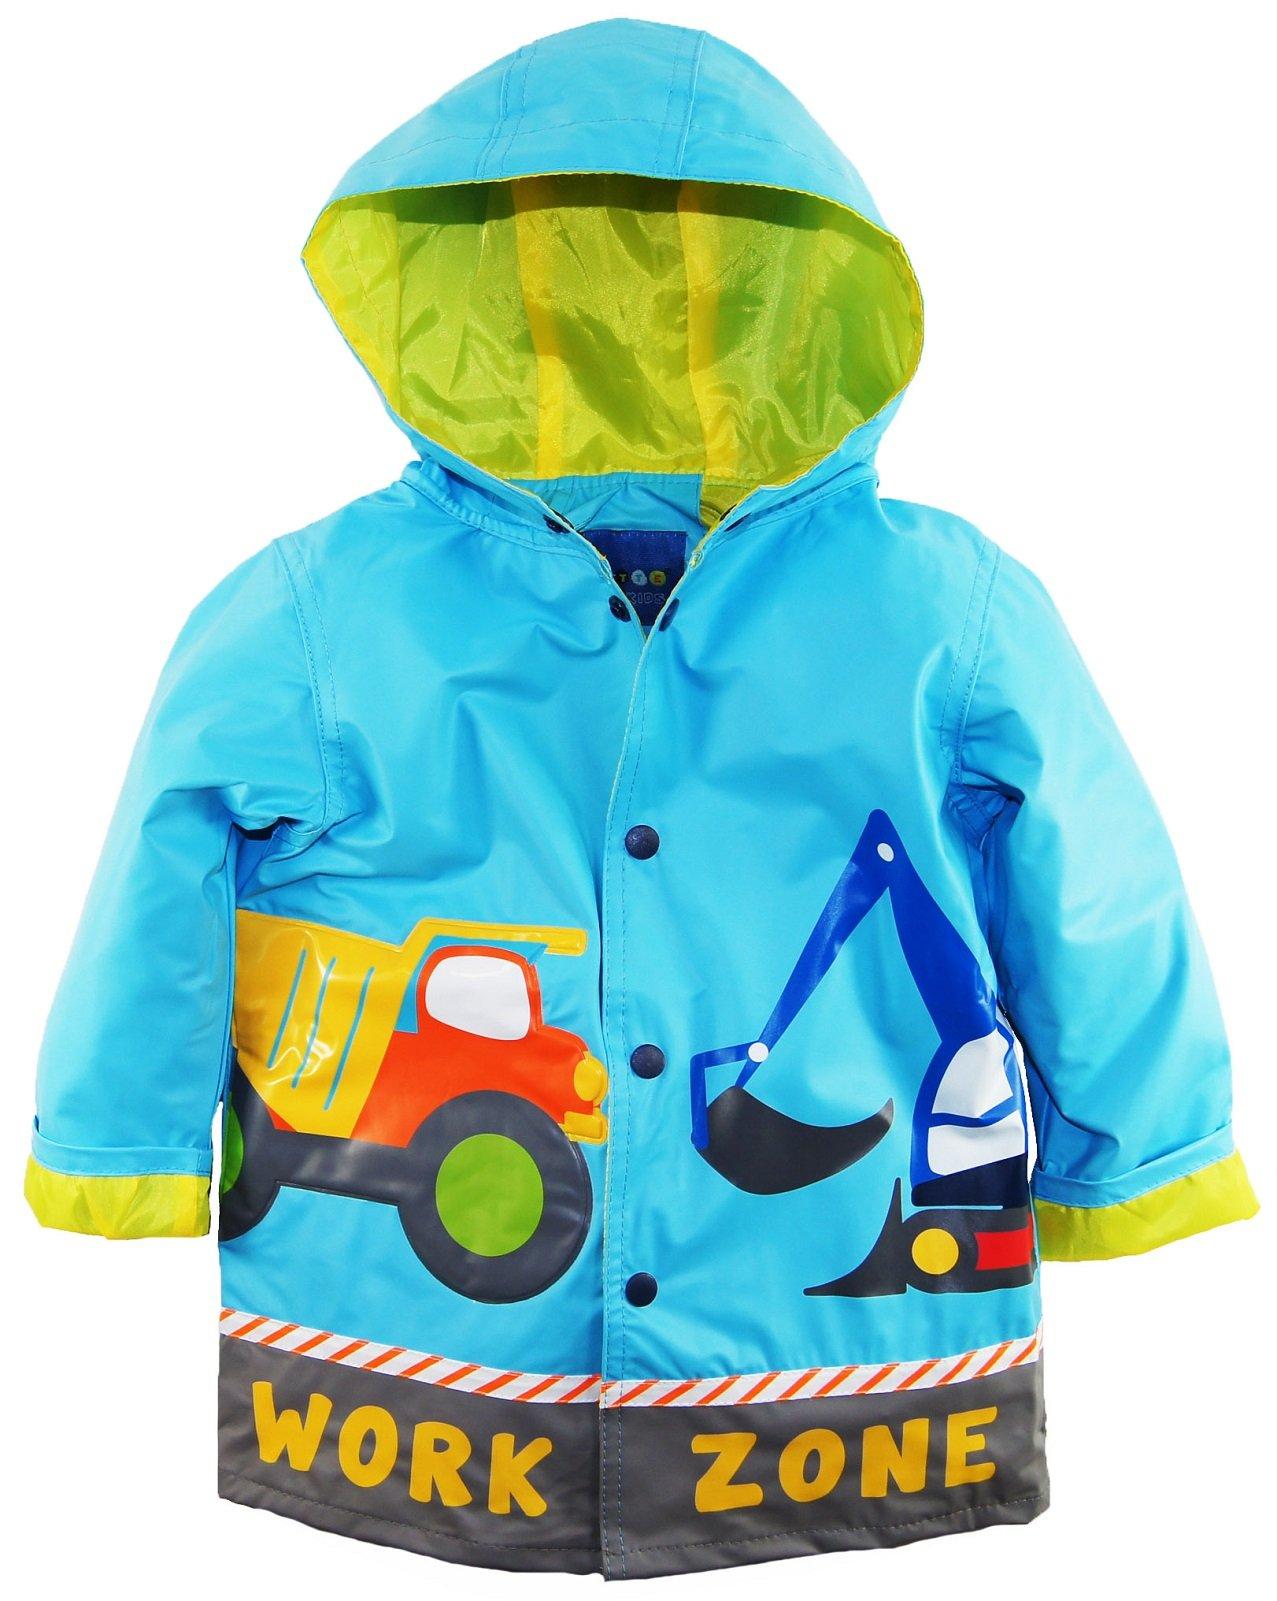 Wippette Little Boys Waterproof Work Zone Construction Trucks Raincoat Jacket, Blue, 5